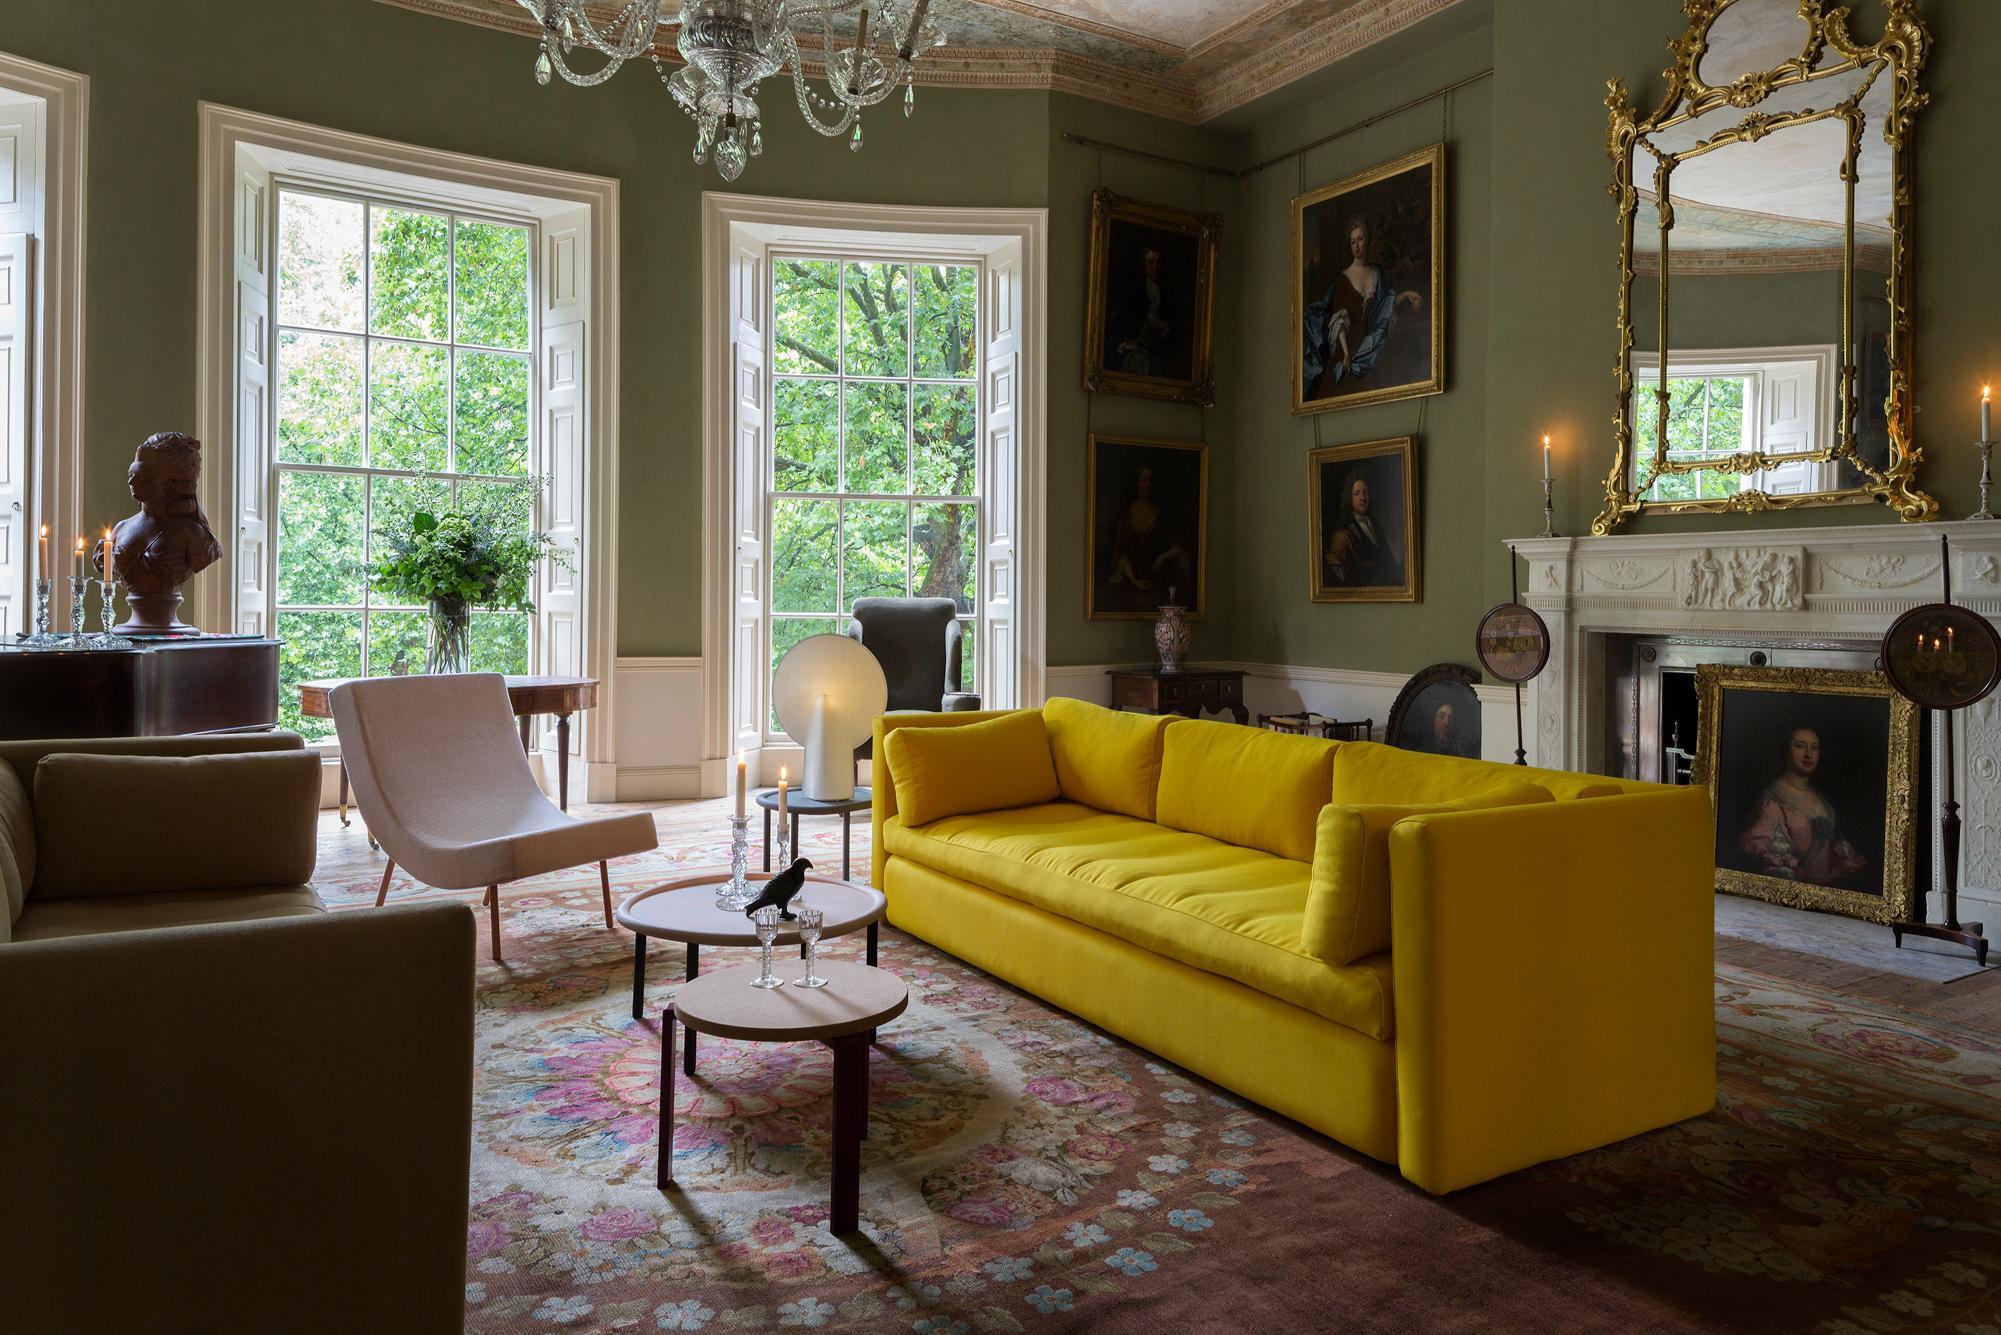 Neobarockes Wohnzimmer Mit Gelbem Sofa Aufpeppen #couchtisch #teppich # Wohnzimmer #spiegel #kronleuchter